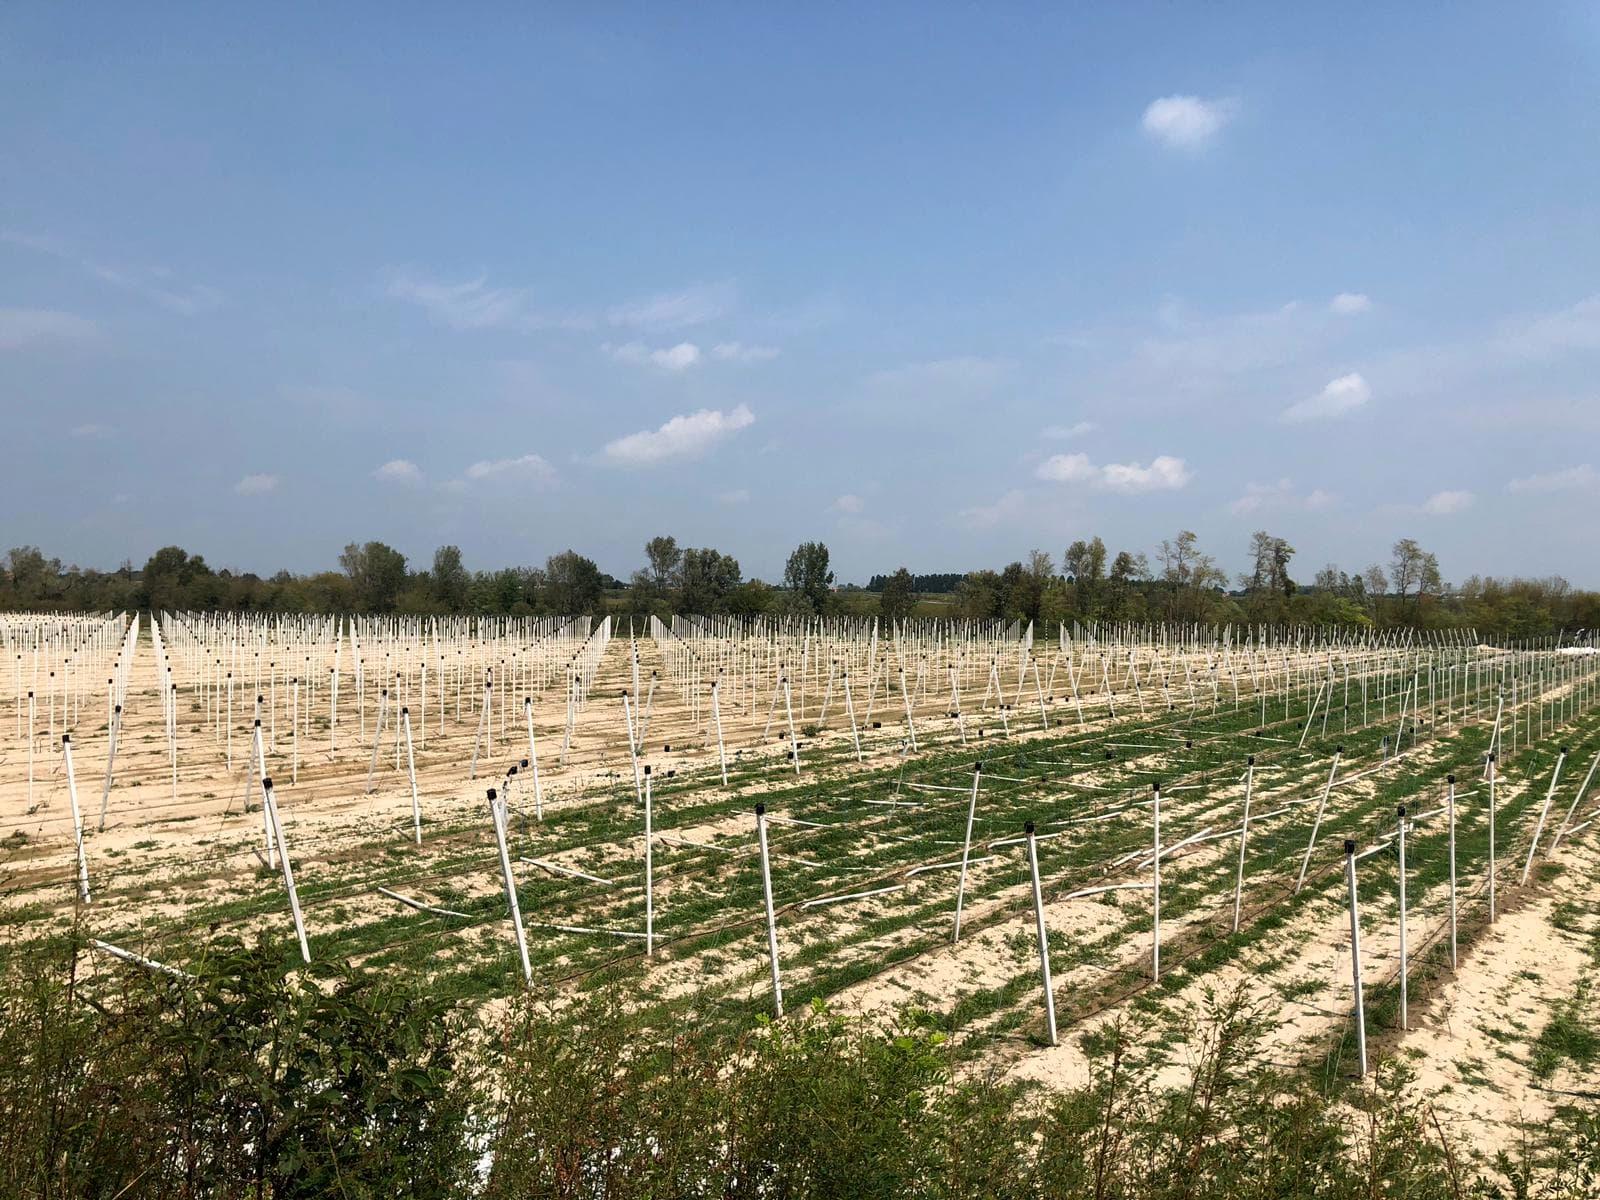 1330-2019 - colture colpite dal maltempo a Zenson-2